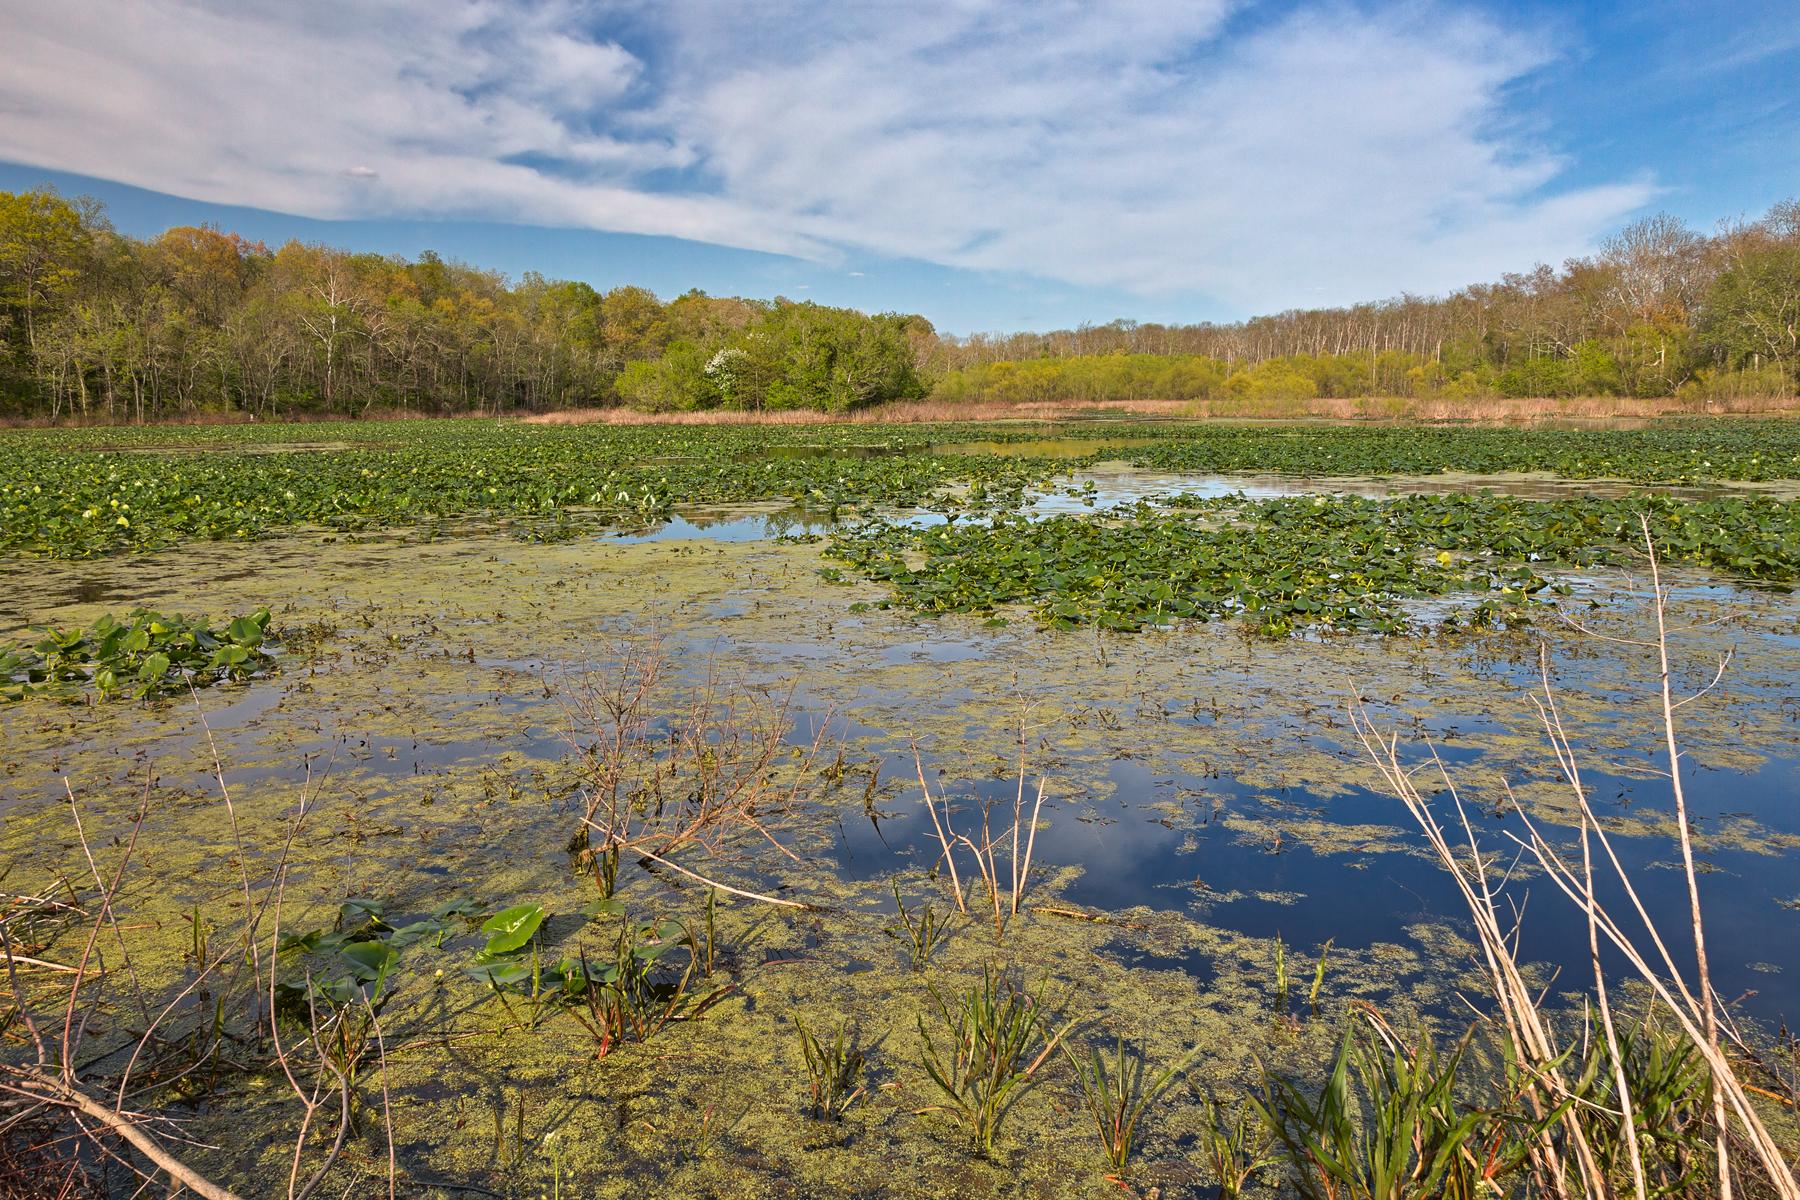 Mckee-beshers marsh photo